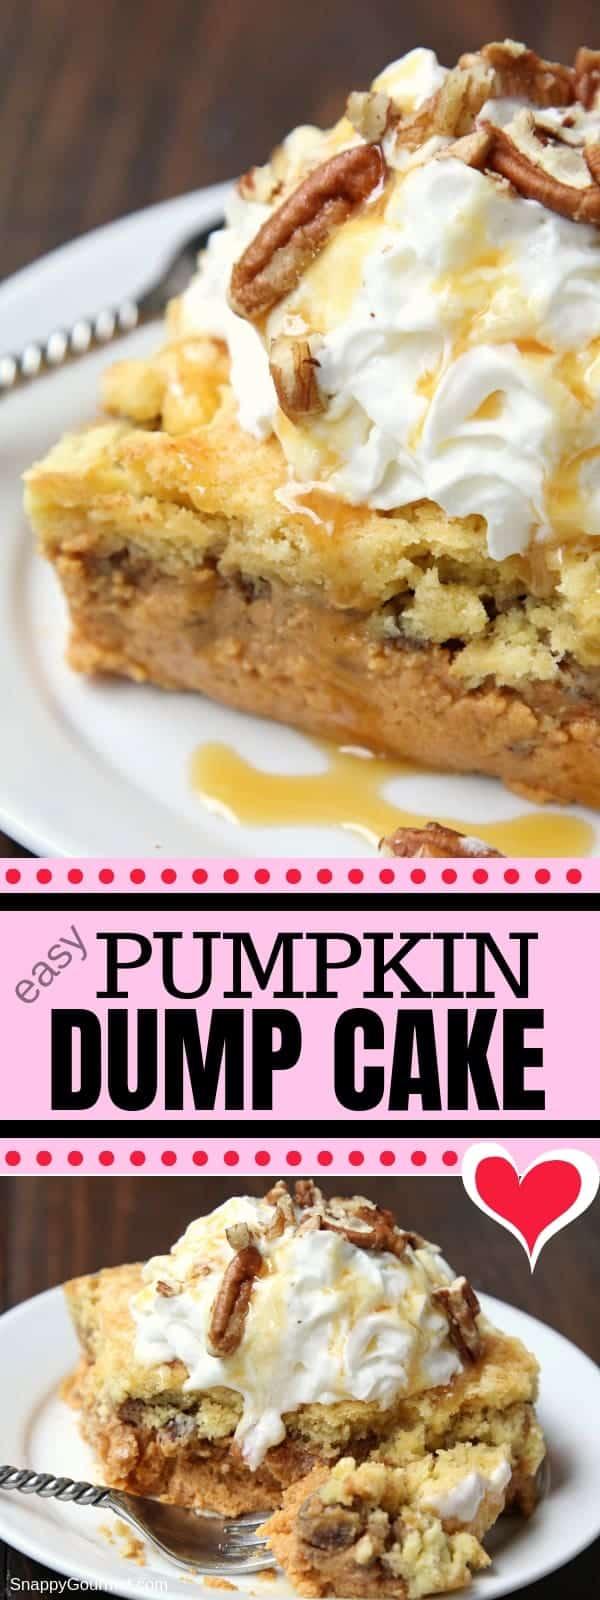 Pumpkin Dump Cake, easy dump cake recipe and cross between pumpkin pie and pumpkin crunch cake. BEST autumn dessert for parties, potlucks, and Thanksgiving! #Pumpking #Dessert #Cake #SnappyGourmet #Fall #Homemade #Recipe #Potluck #Thanksgiving #Pie